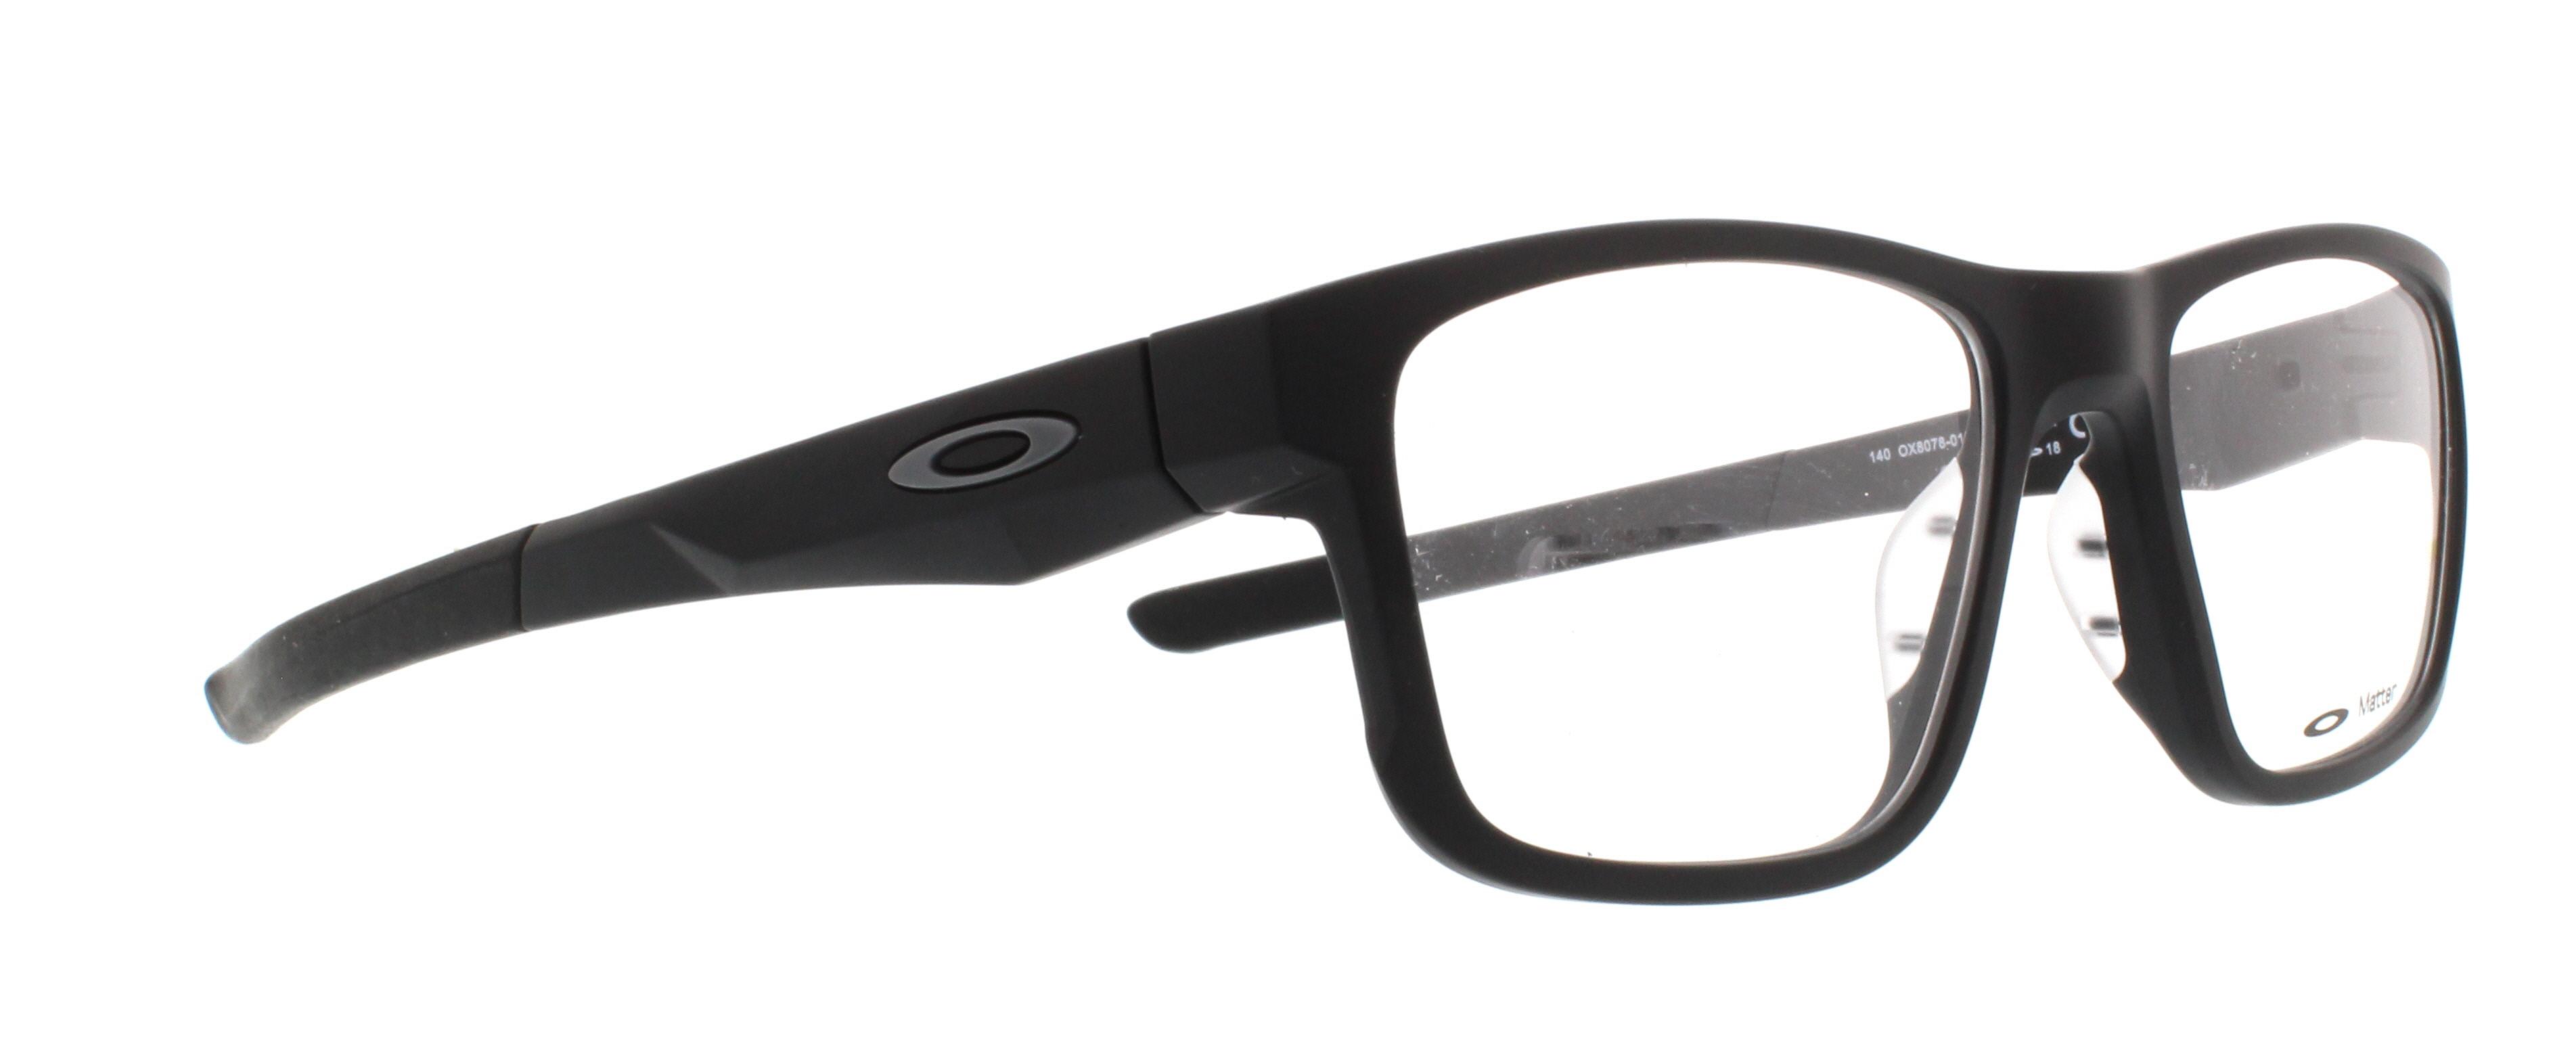 512a80317f0 Designer Frames Outlet. Oakley HYPERLINK